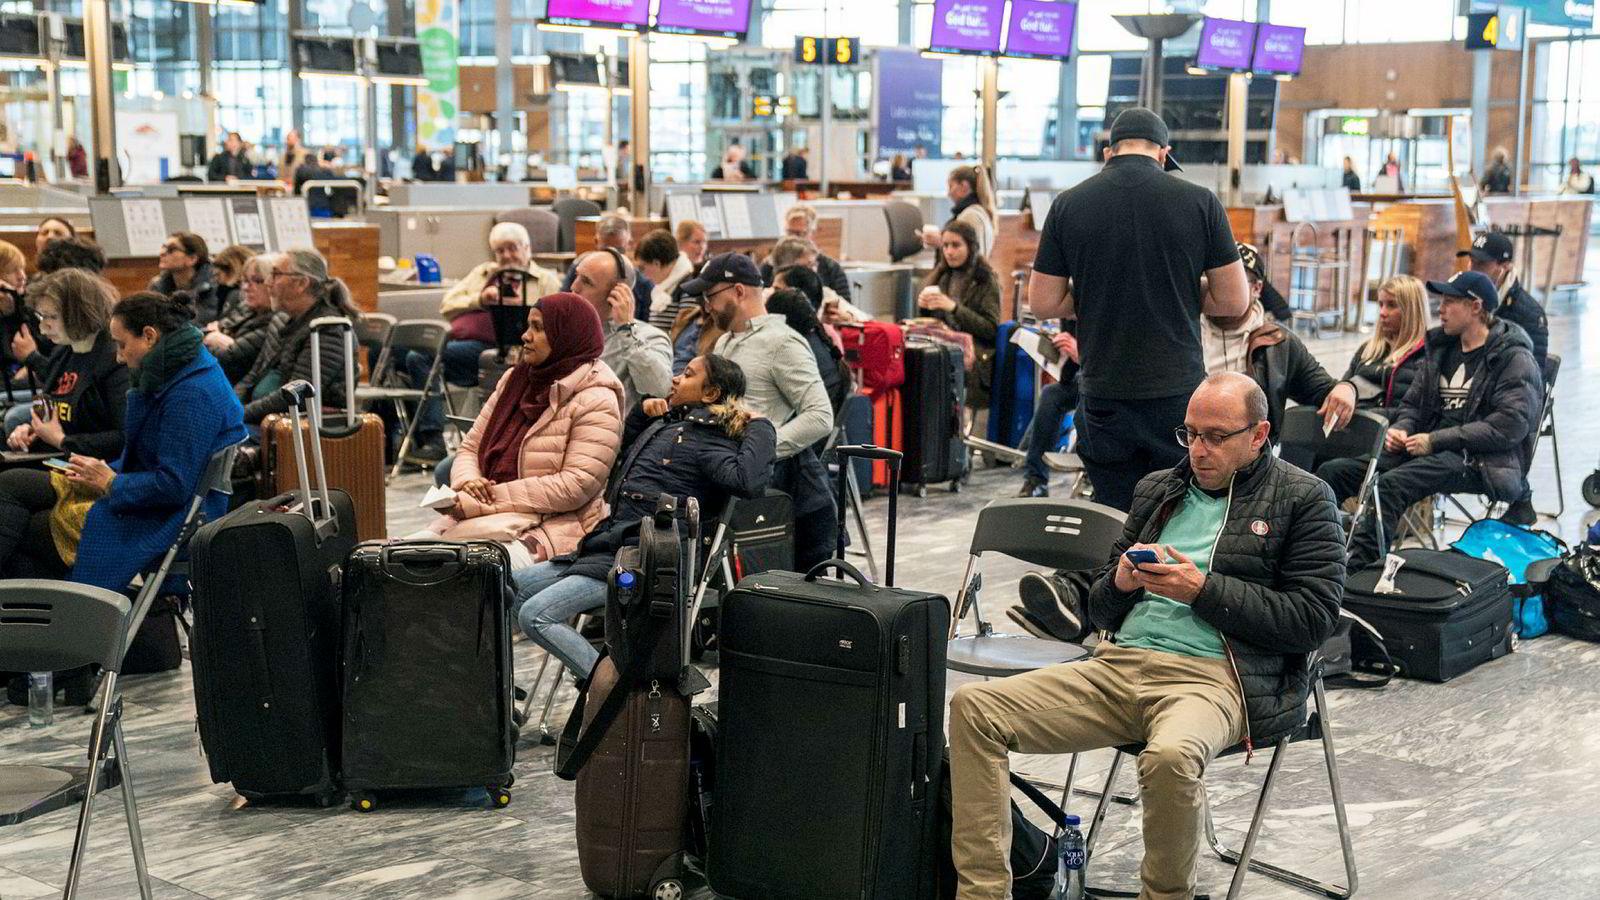 På Oslo Lufthavn Gardermoen var det satt frem stoler foran SAS-skranken og mange hadde møtt opp for å få mer informasjon om situasjonen.